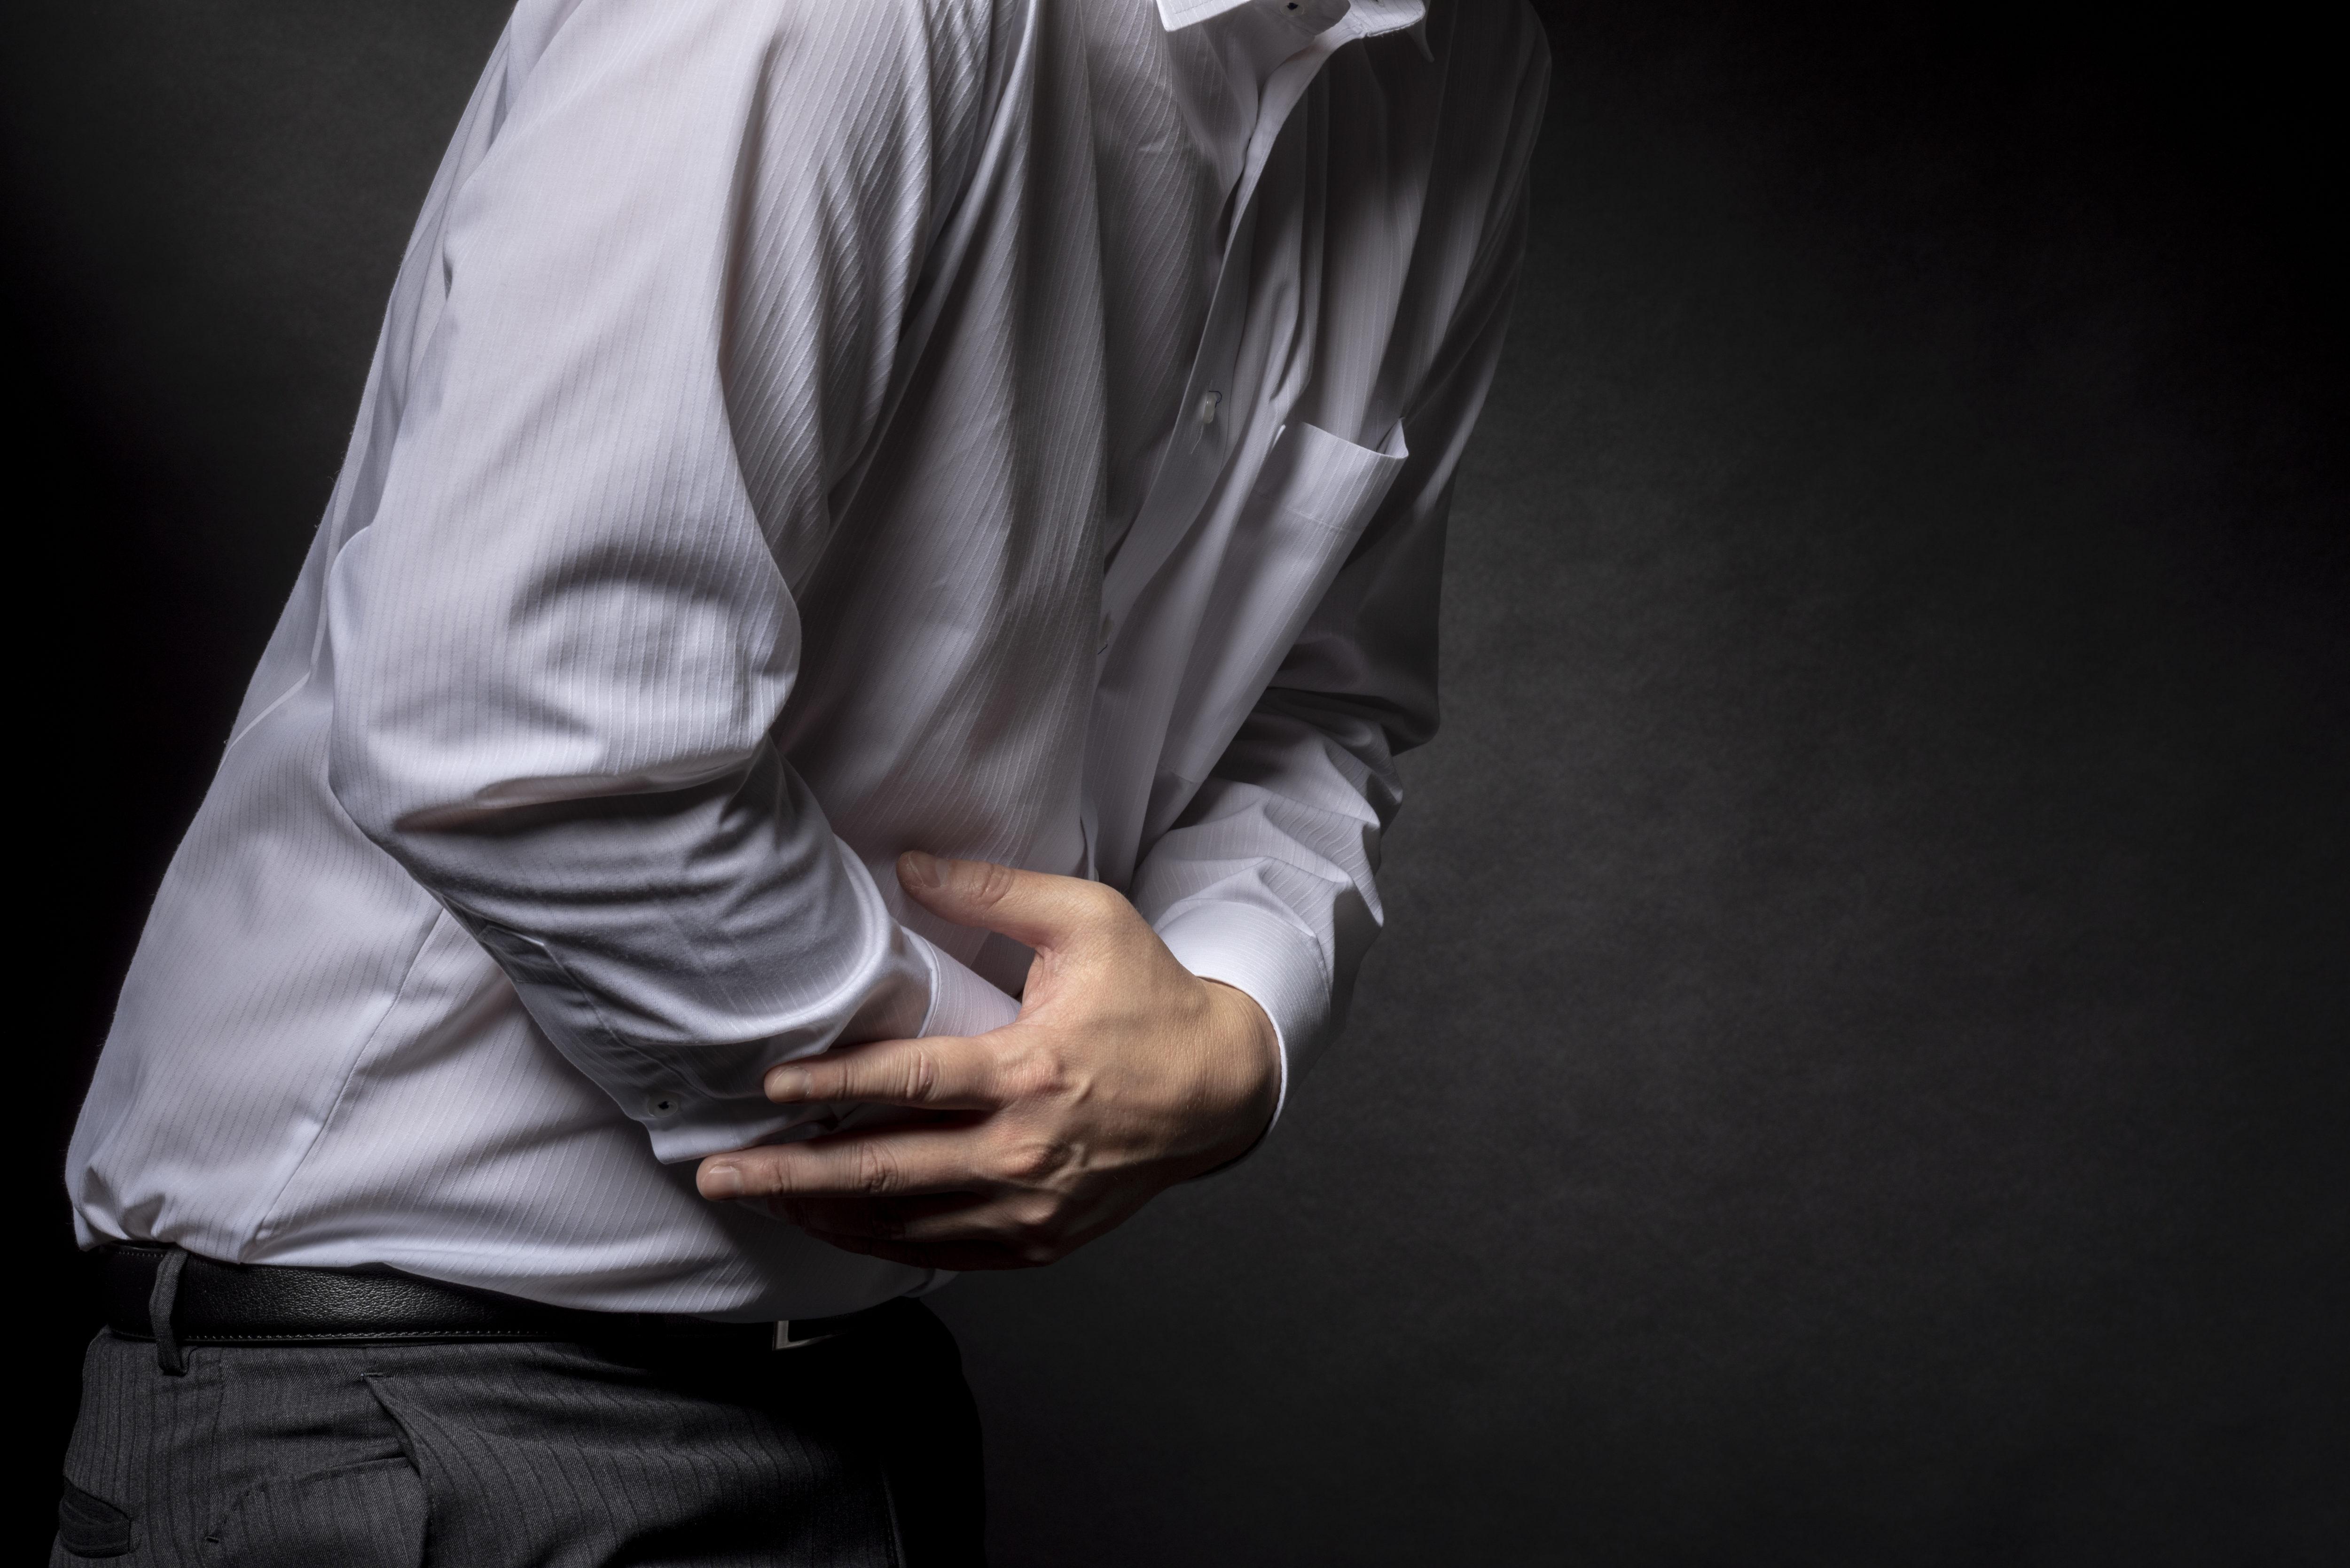 腹痛を訴える男性